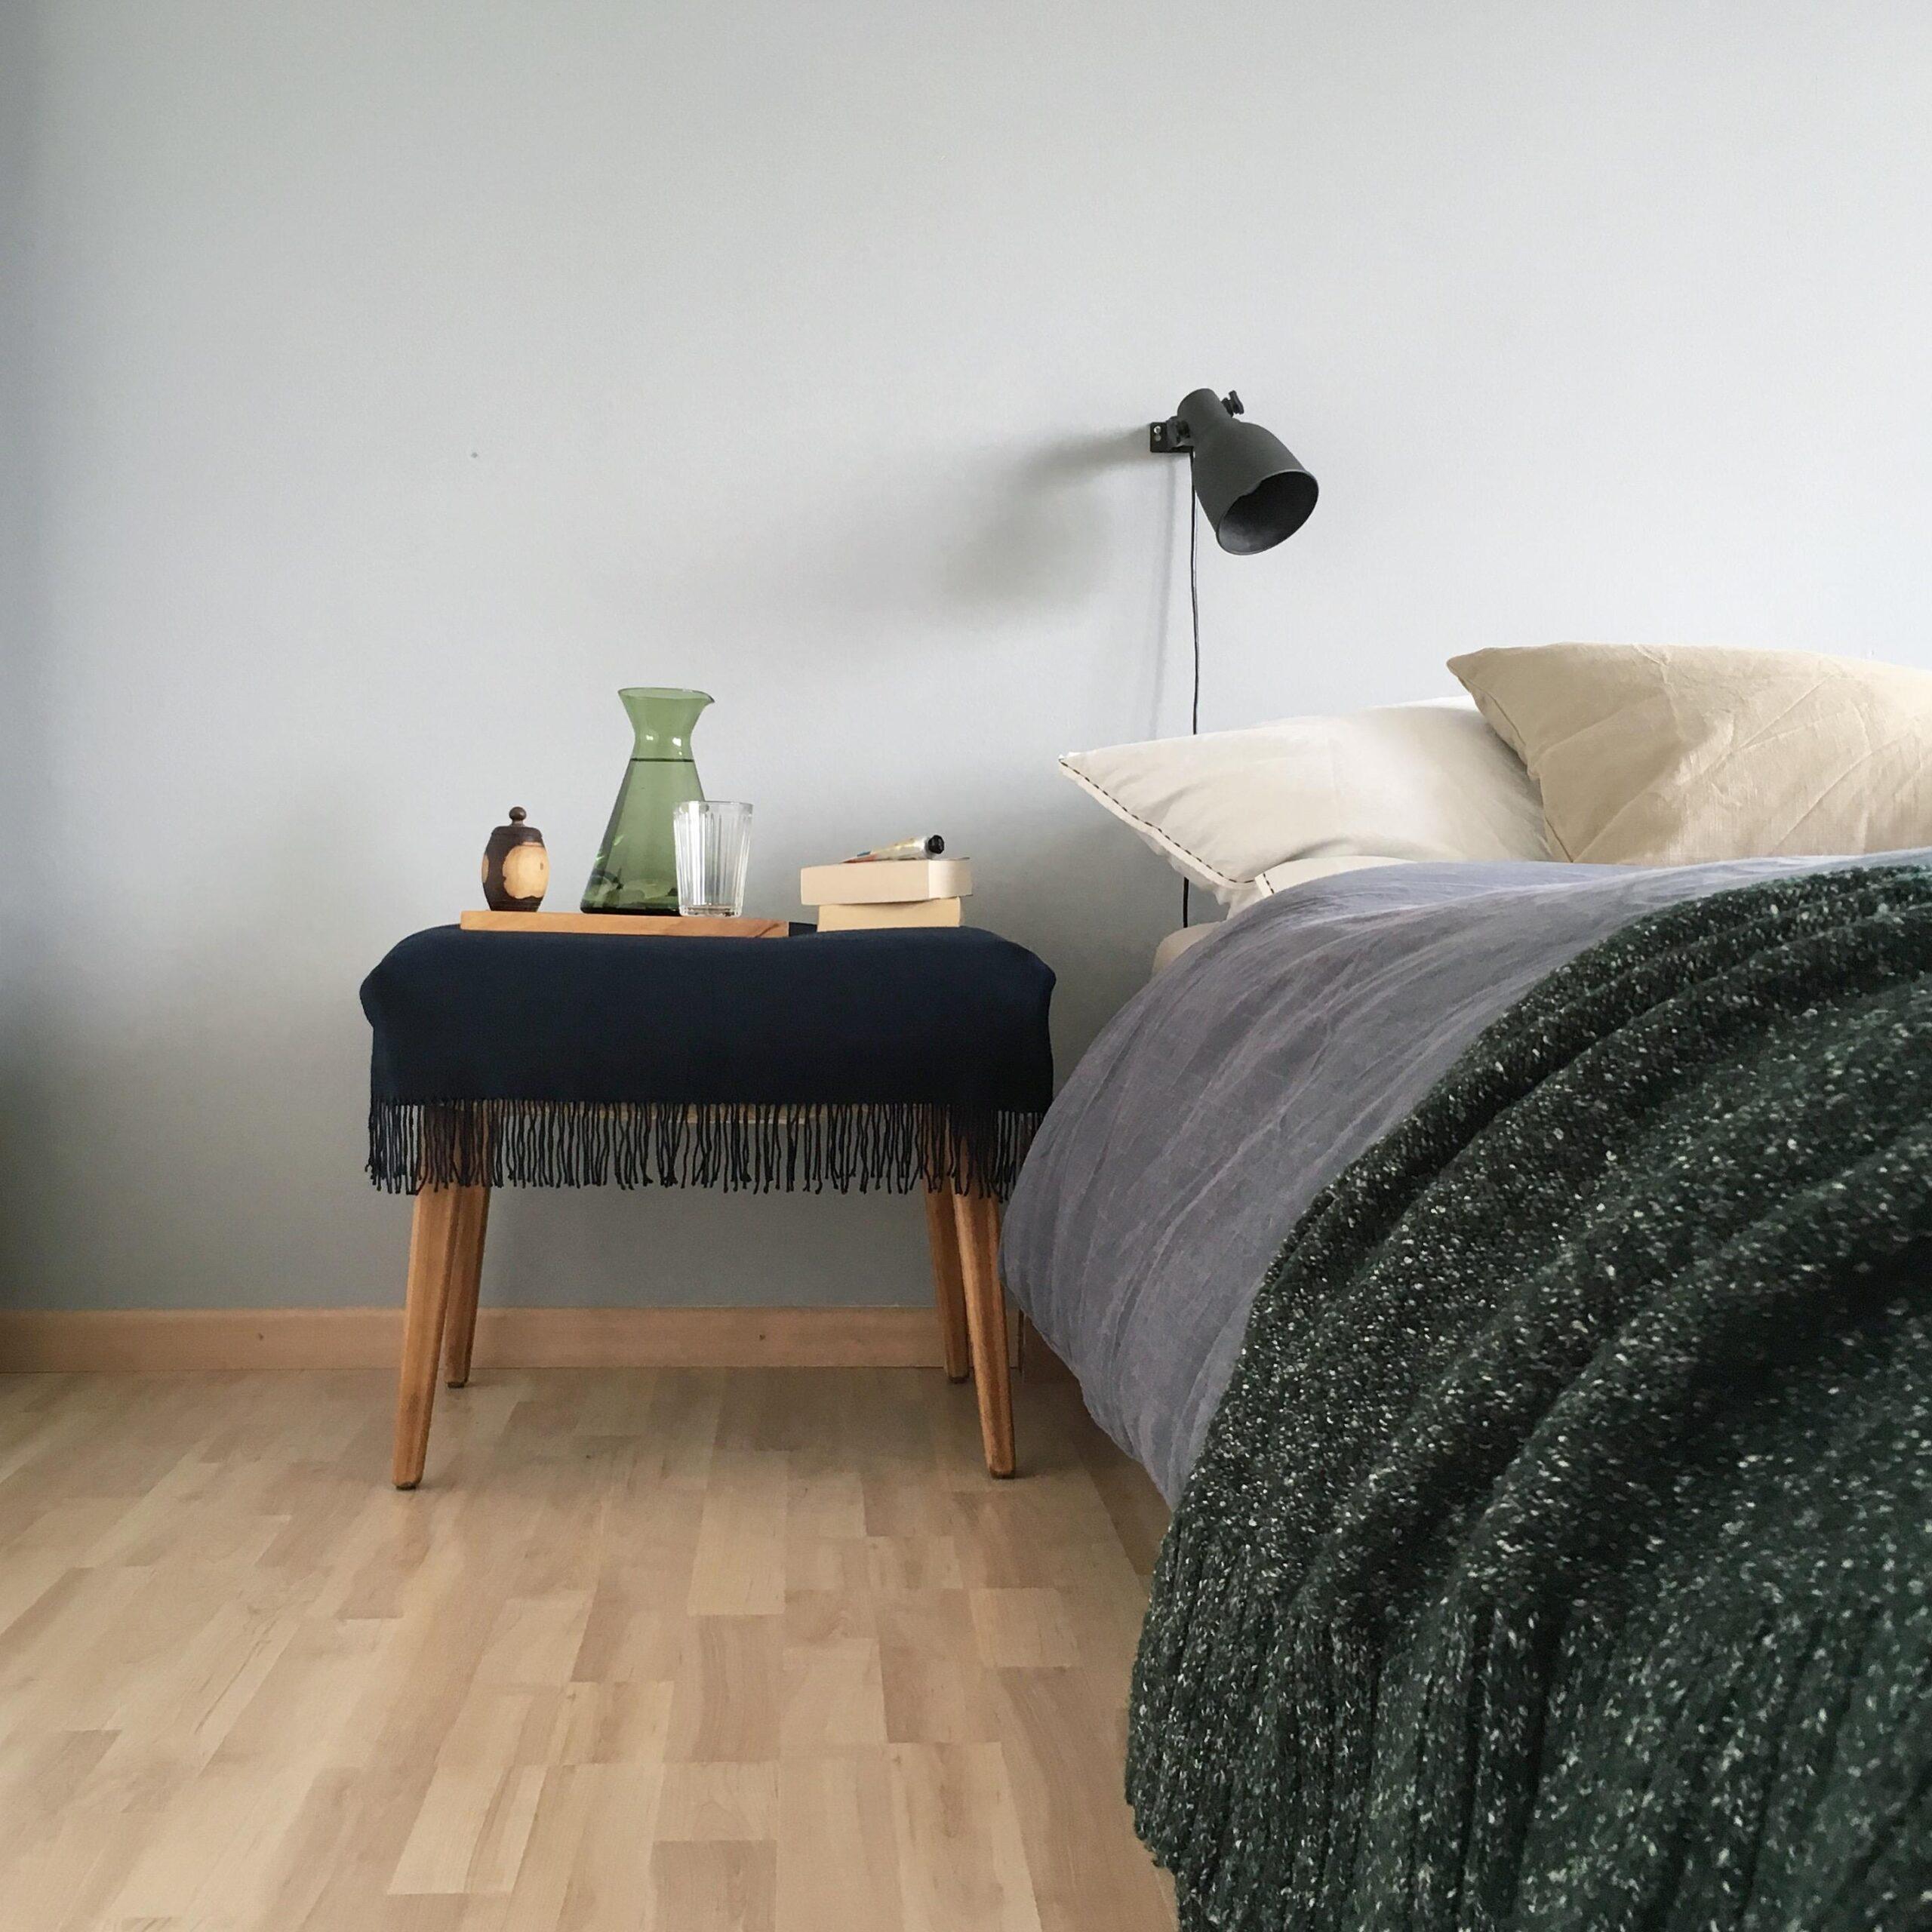 Full Size of Komplette Schlafzimmer Komplett Günstig Eckschrank Klimagerät Für Deckenleuchte Schranksysteme Kommode Weiß Weiss Modern Sitzbank Teppich Stehlampe Rauch Wohnzimmer Schlafzimmer Wandlampen